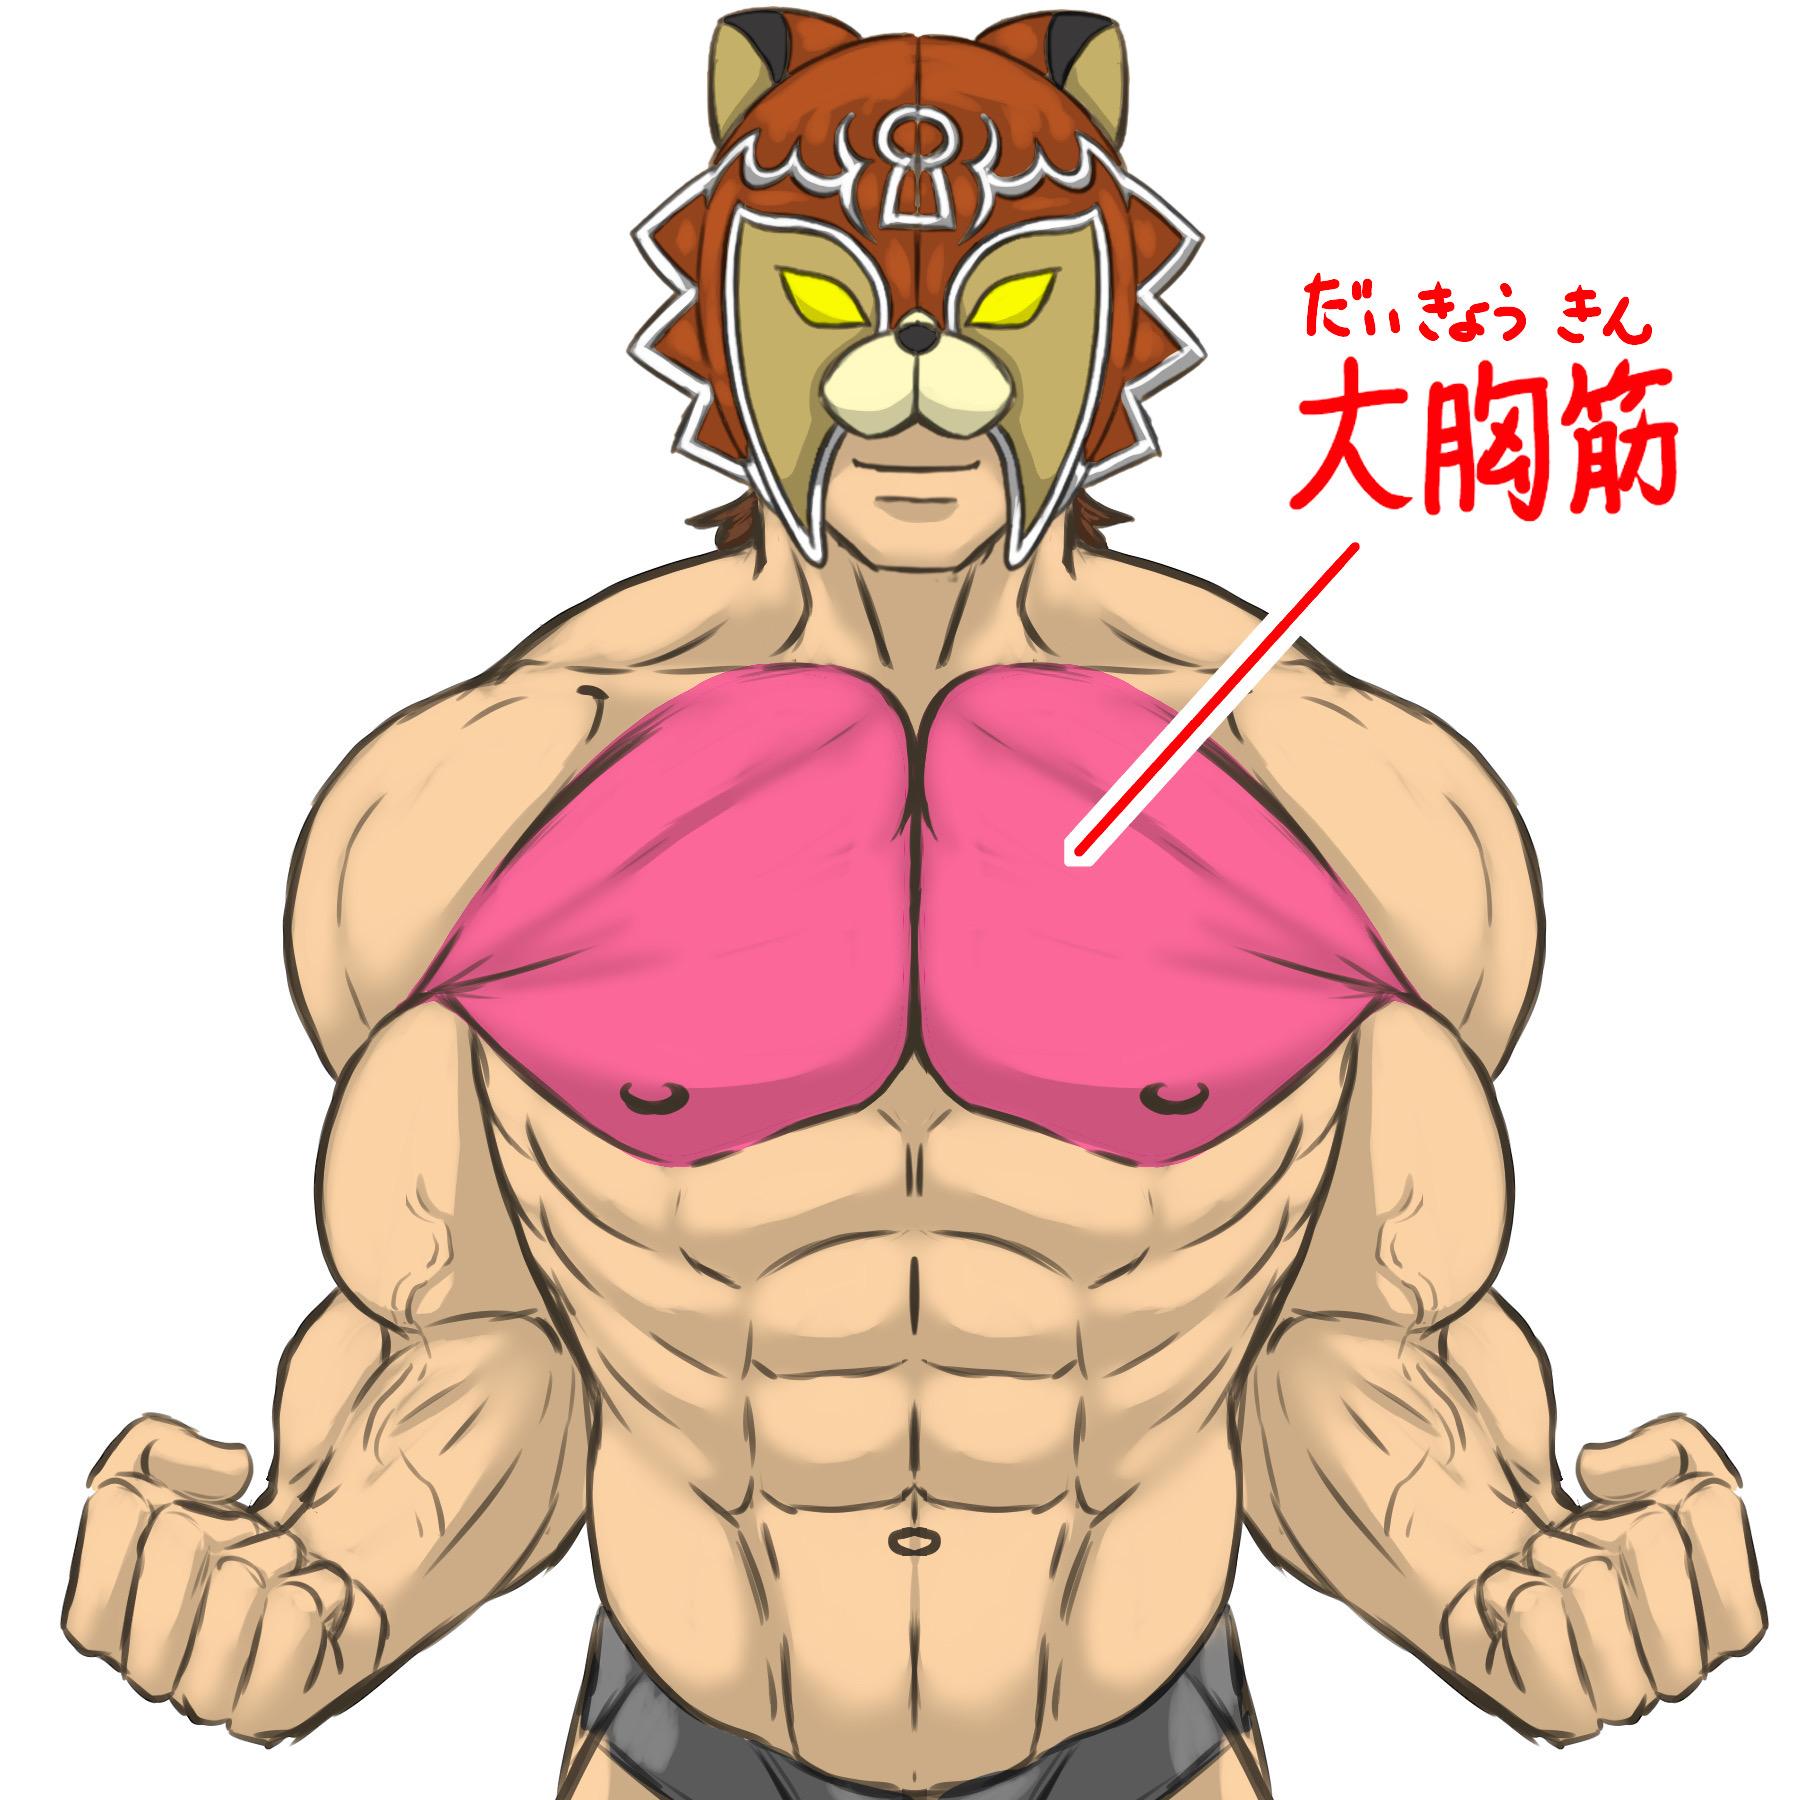 大胸筋のイラスト